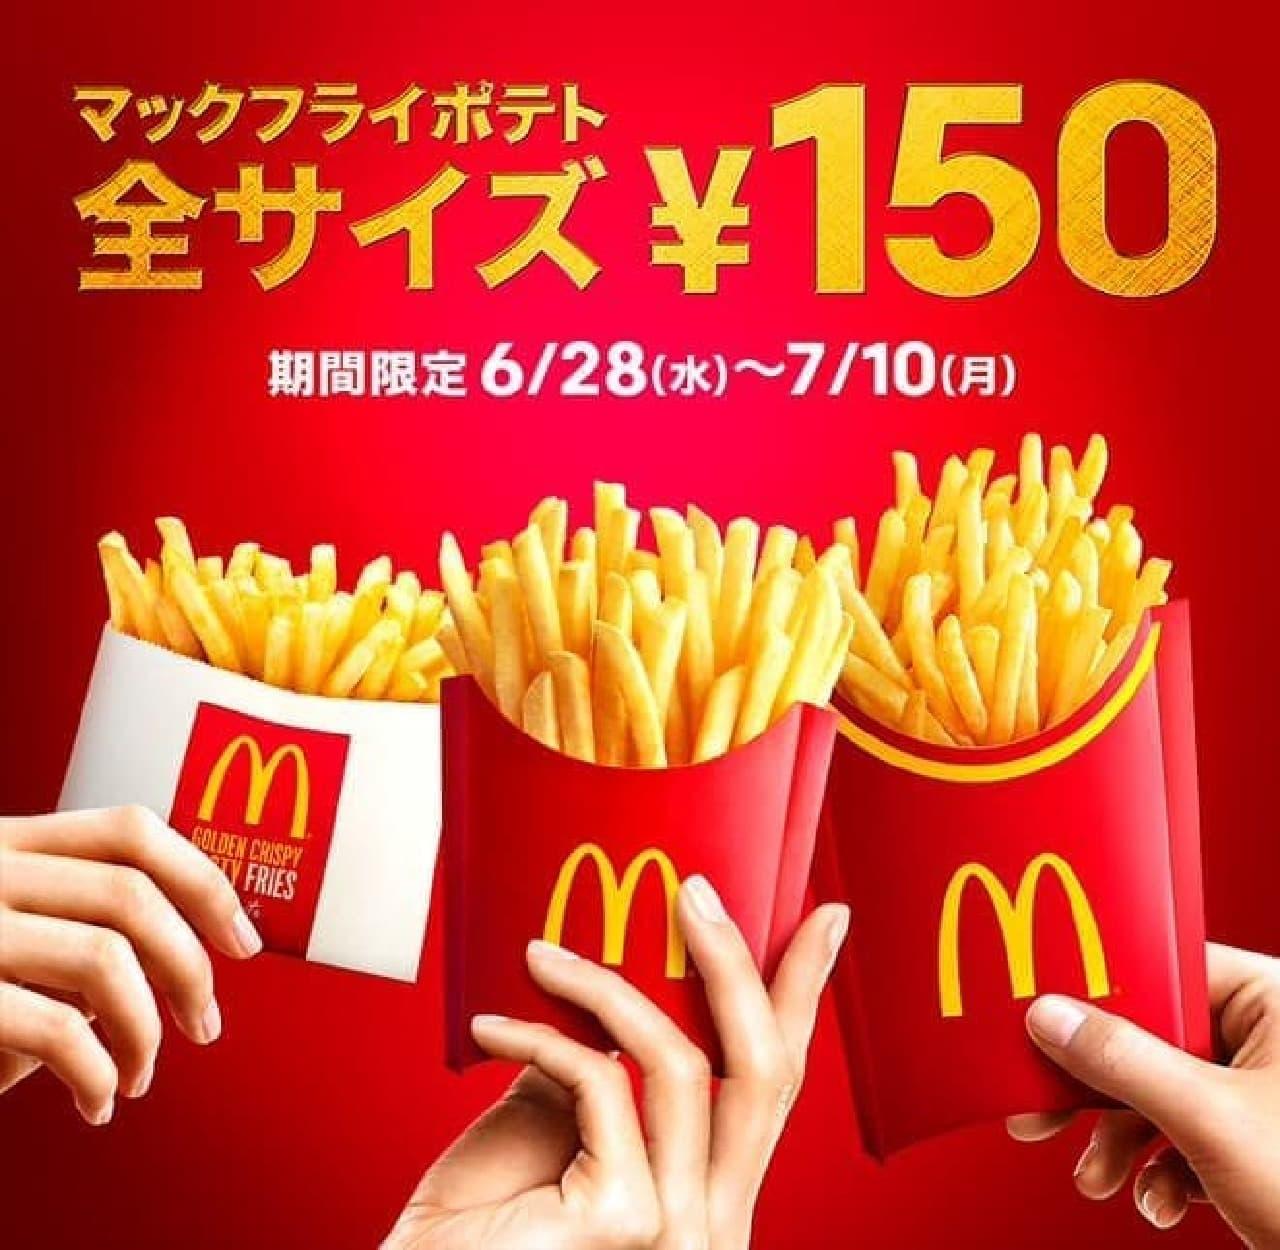 マクドナルドポテト全サイズ150円